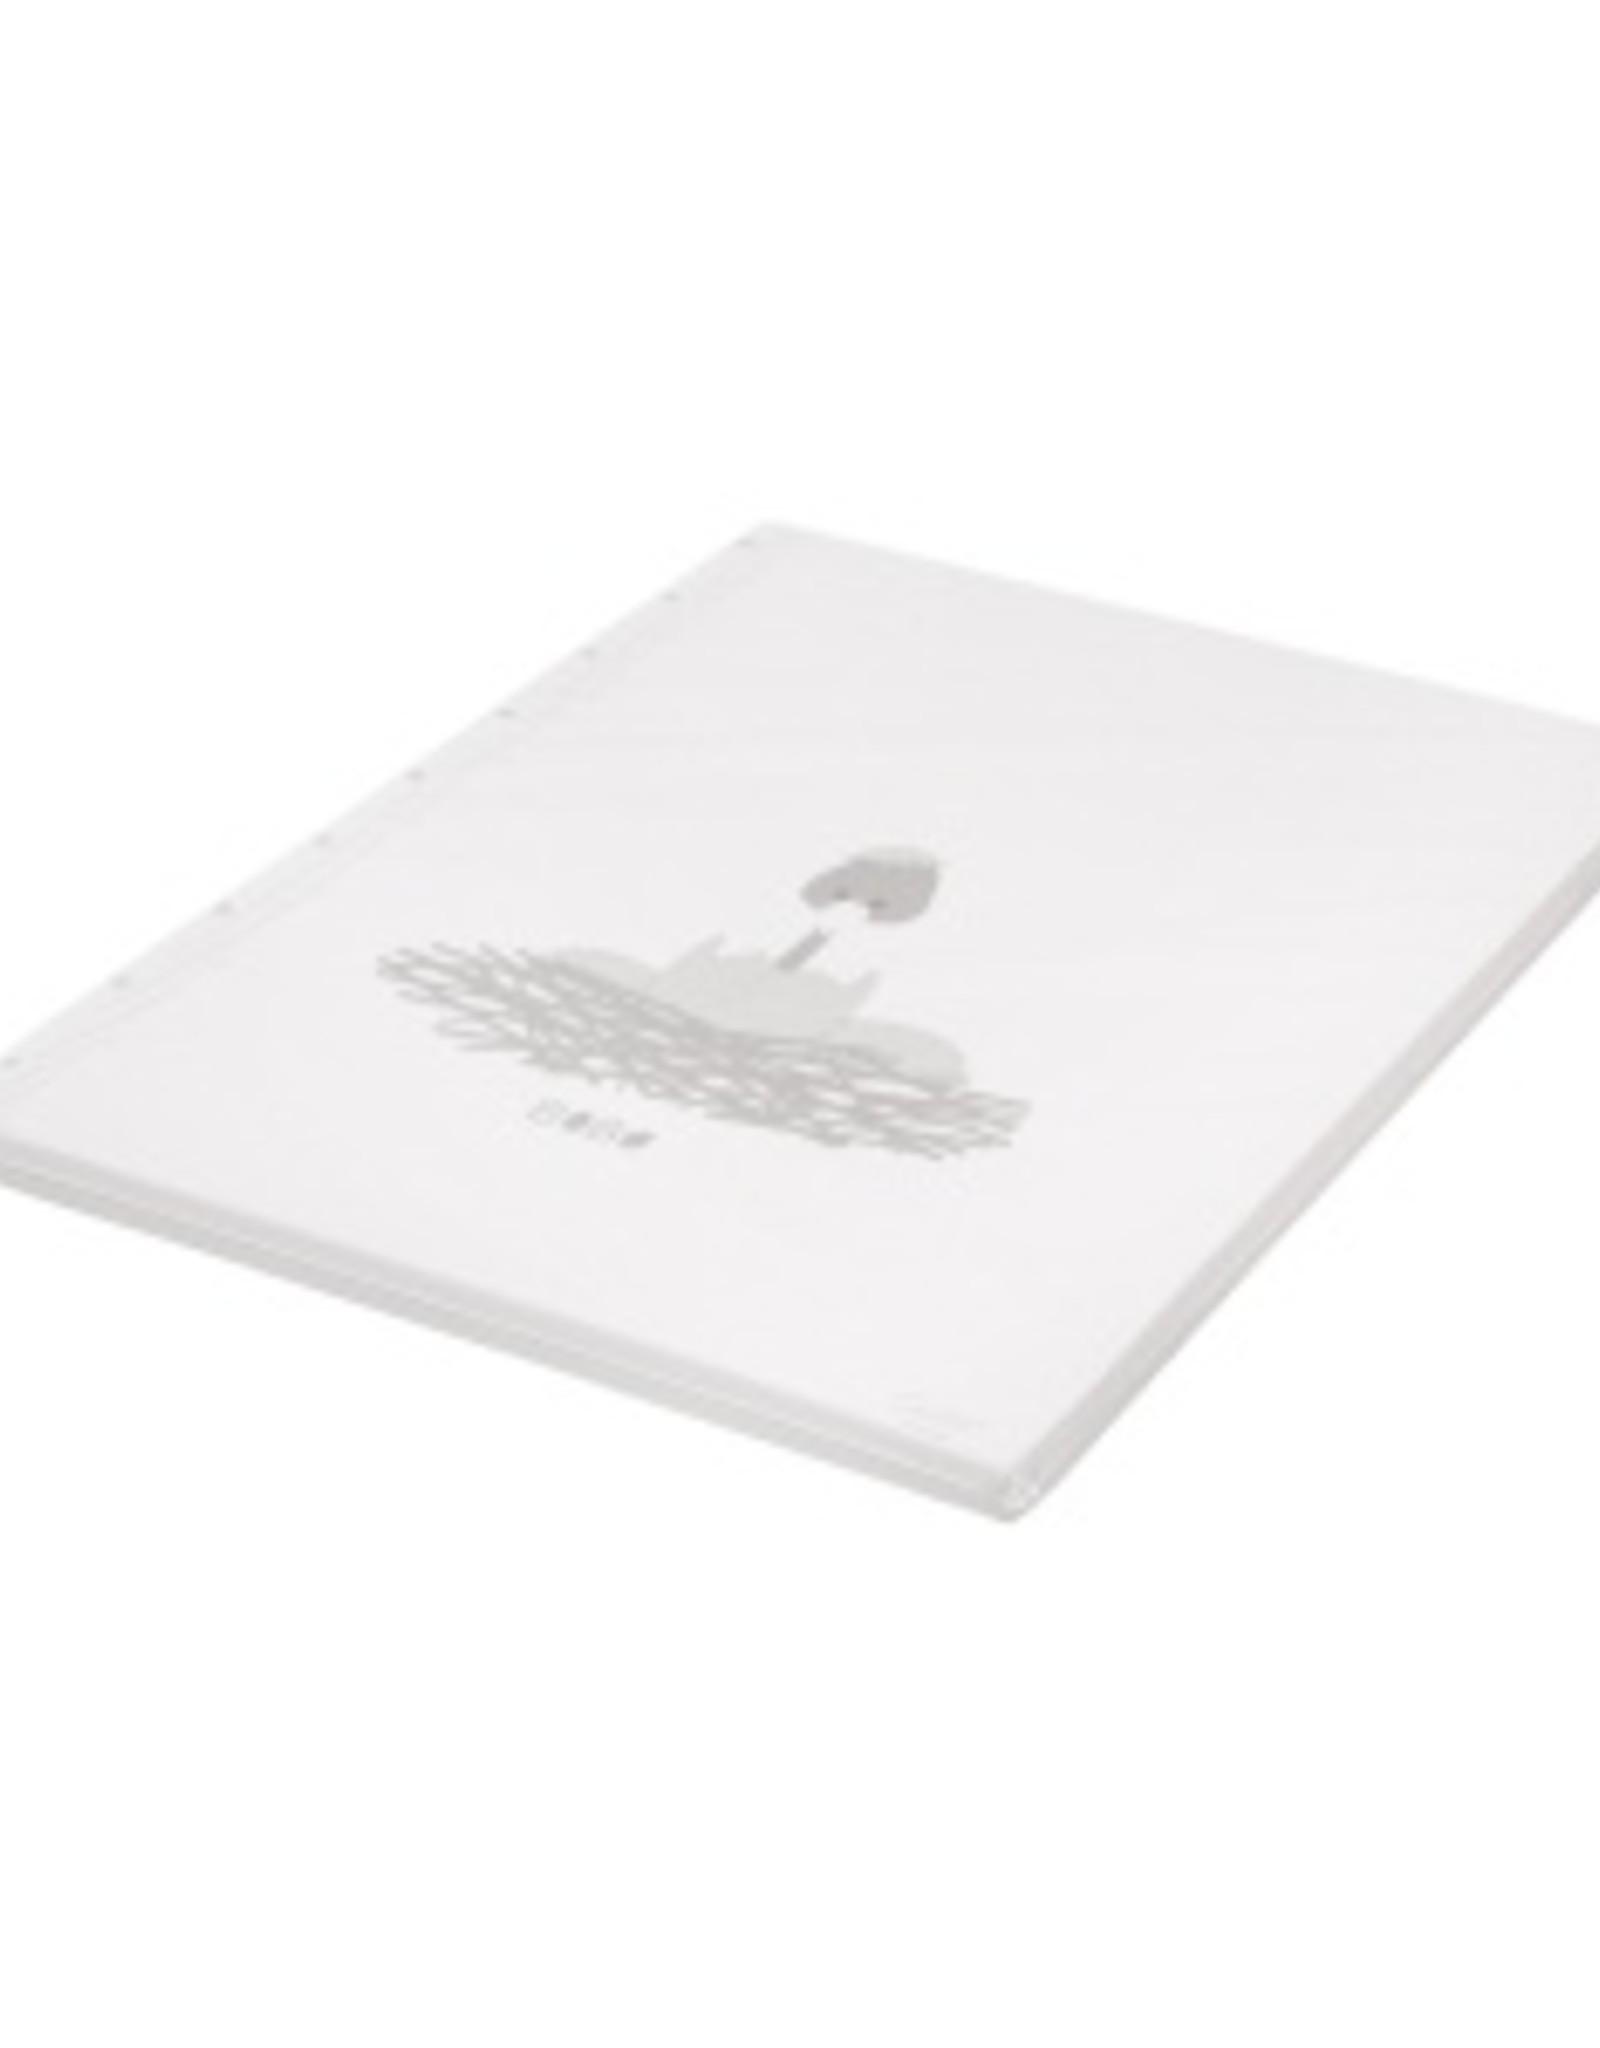 Quax Playpen Mat Pvc - Ruler - Bobo - White